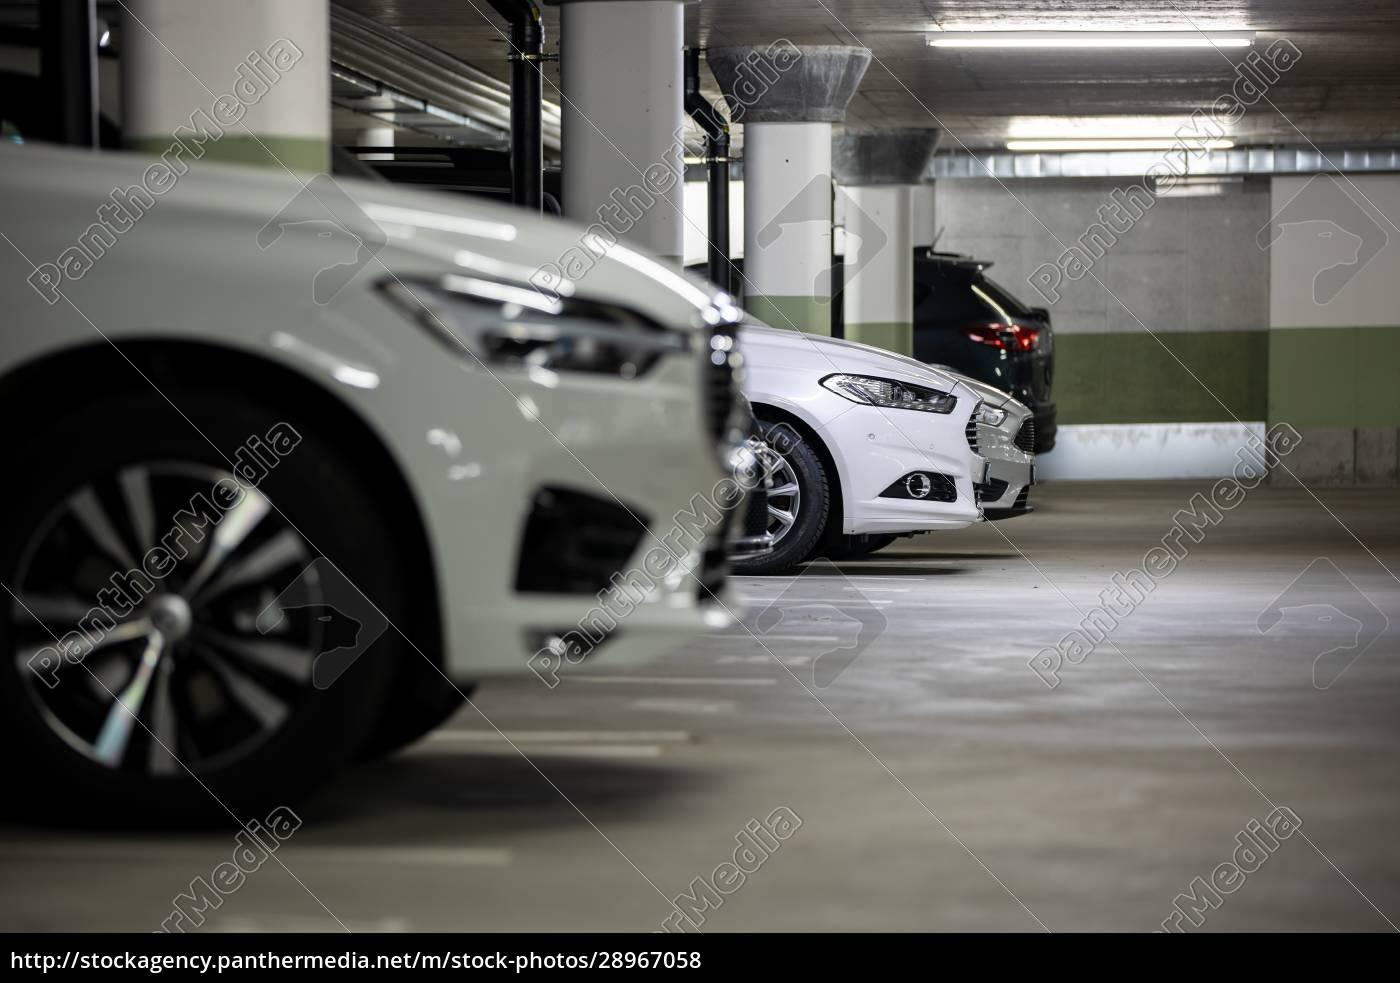 tiefgarage., autos, die, in, einer, garage, ohne - 28967058